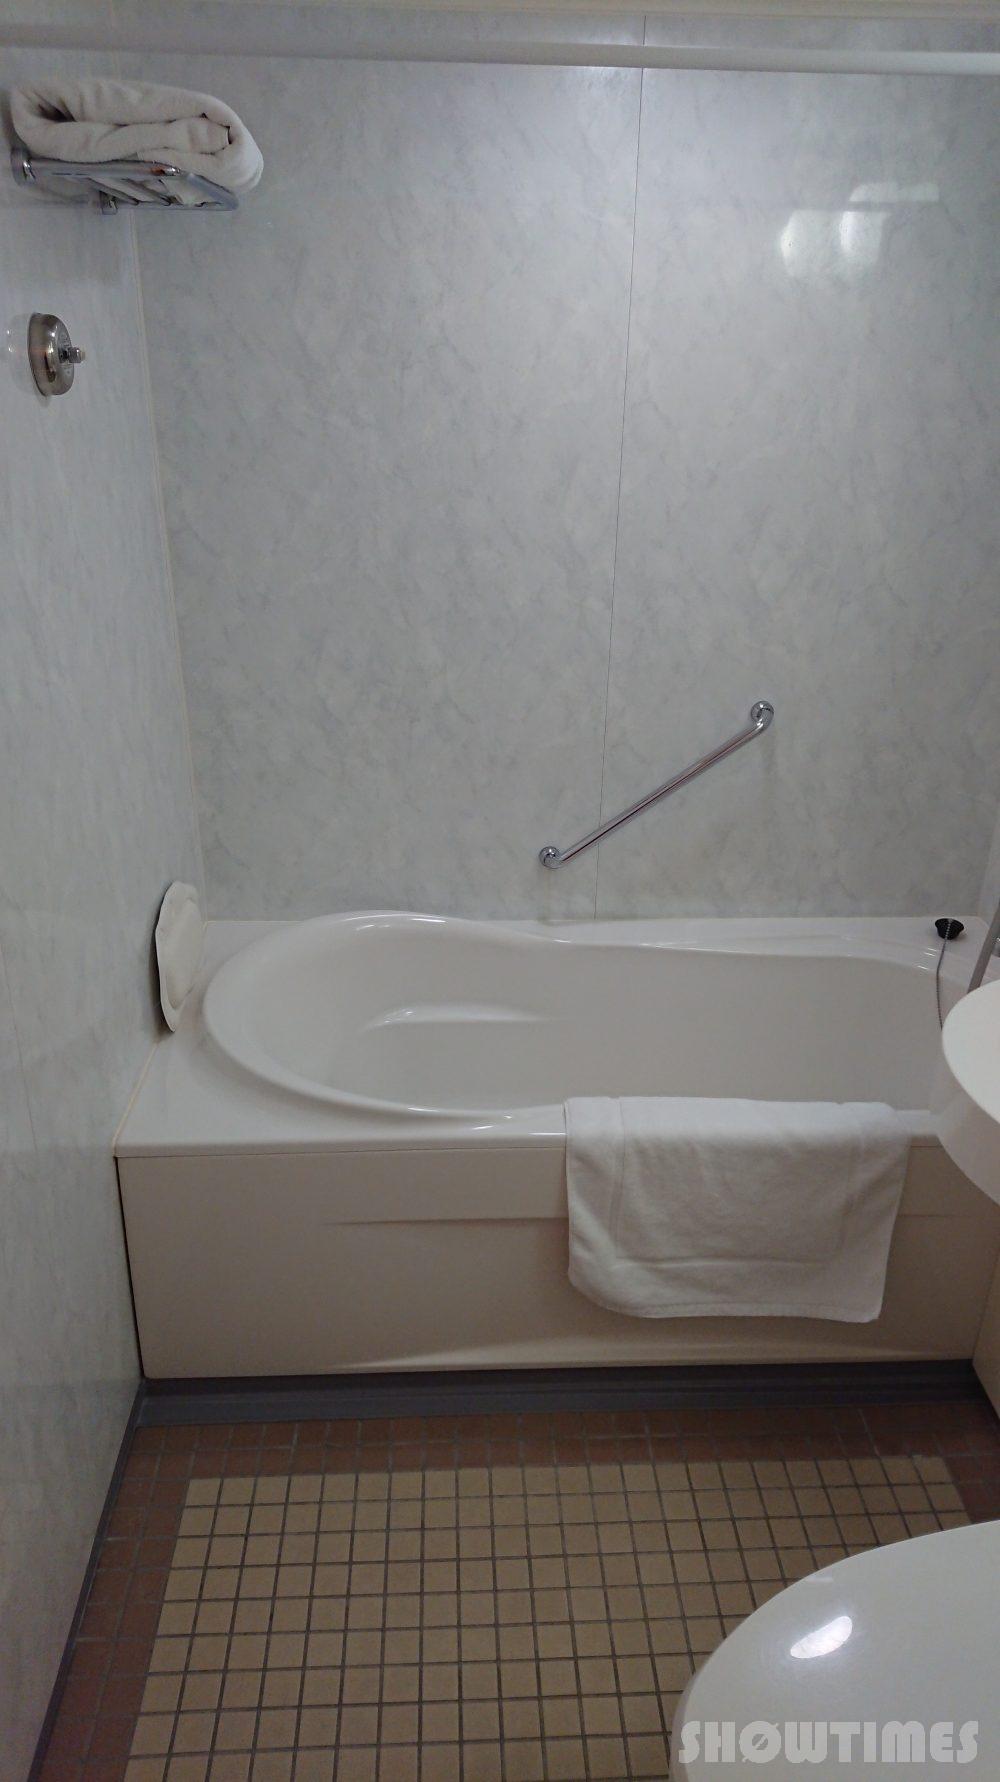 ニューオータニイン札幌プレミアムエグゼクティブツインのバスルーム2